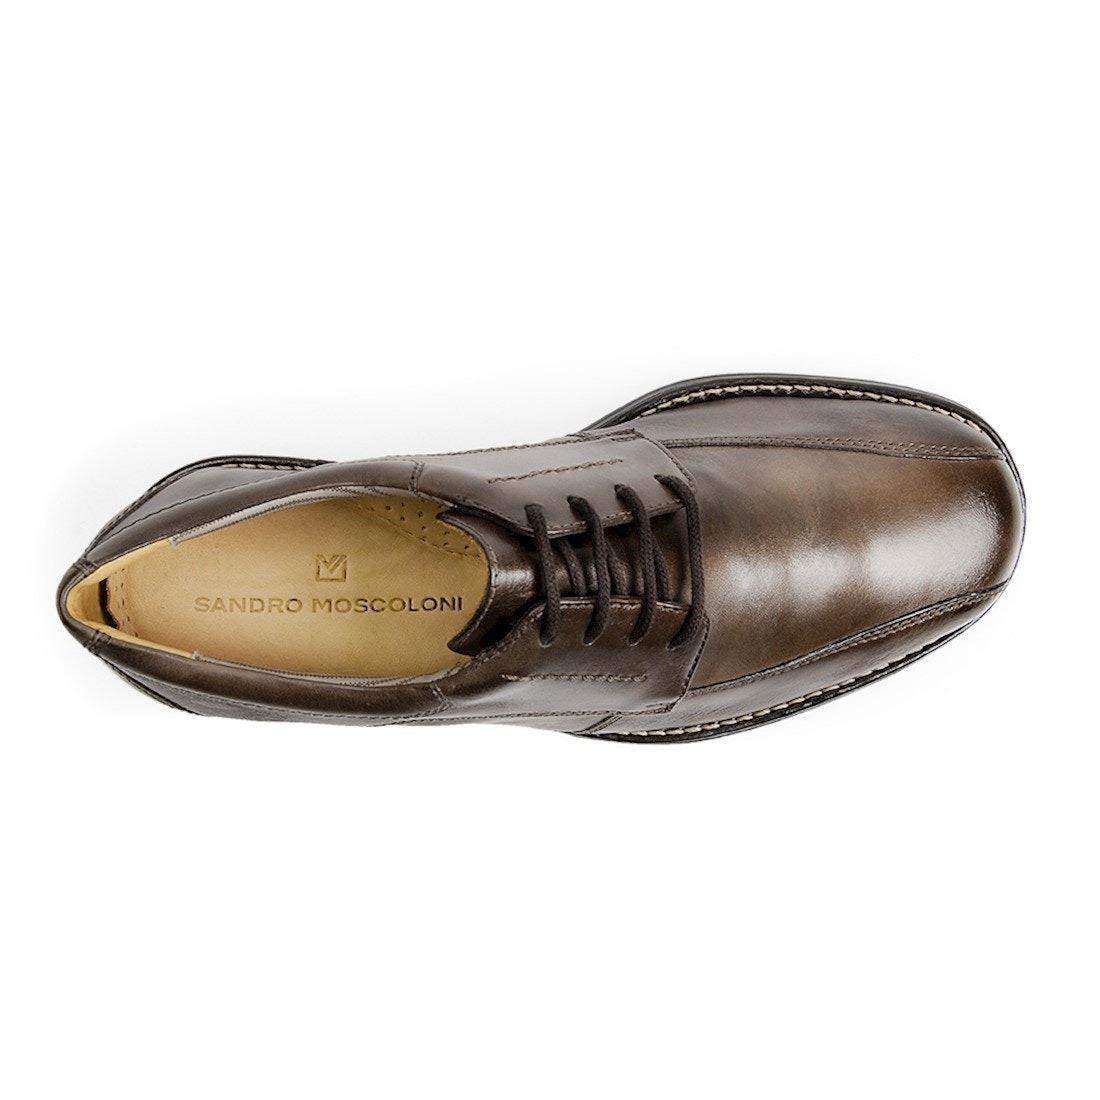 82c8bb6e49 Sapato Social Masculino Derby Sandro Moscoloni Lyon Marrom - R  224 ...